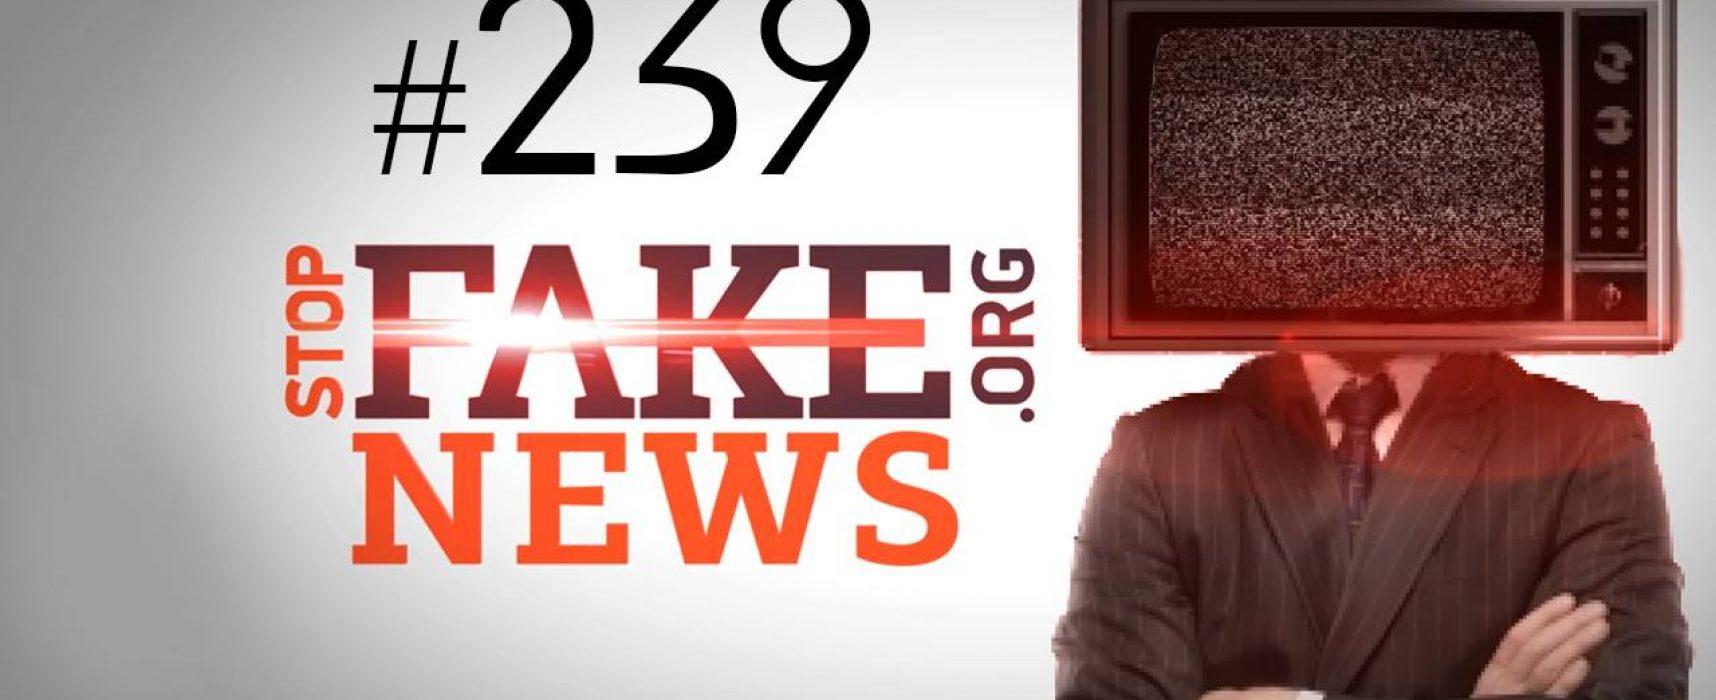 Российский Первый канал вновь опозорился на весь мир — SFN #239